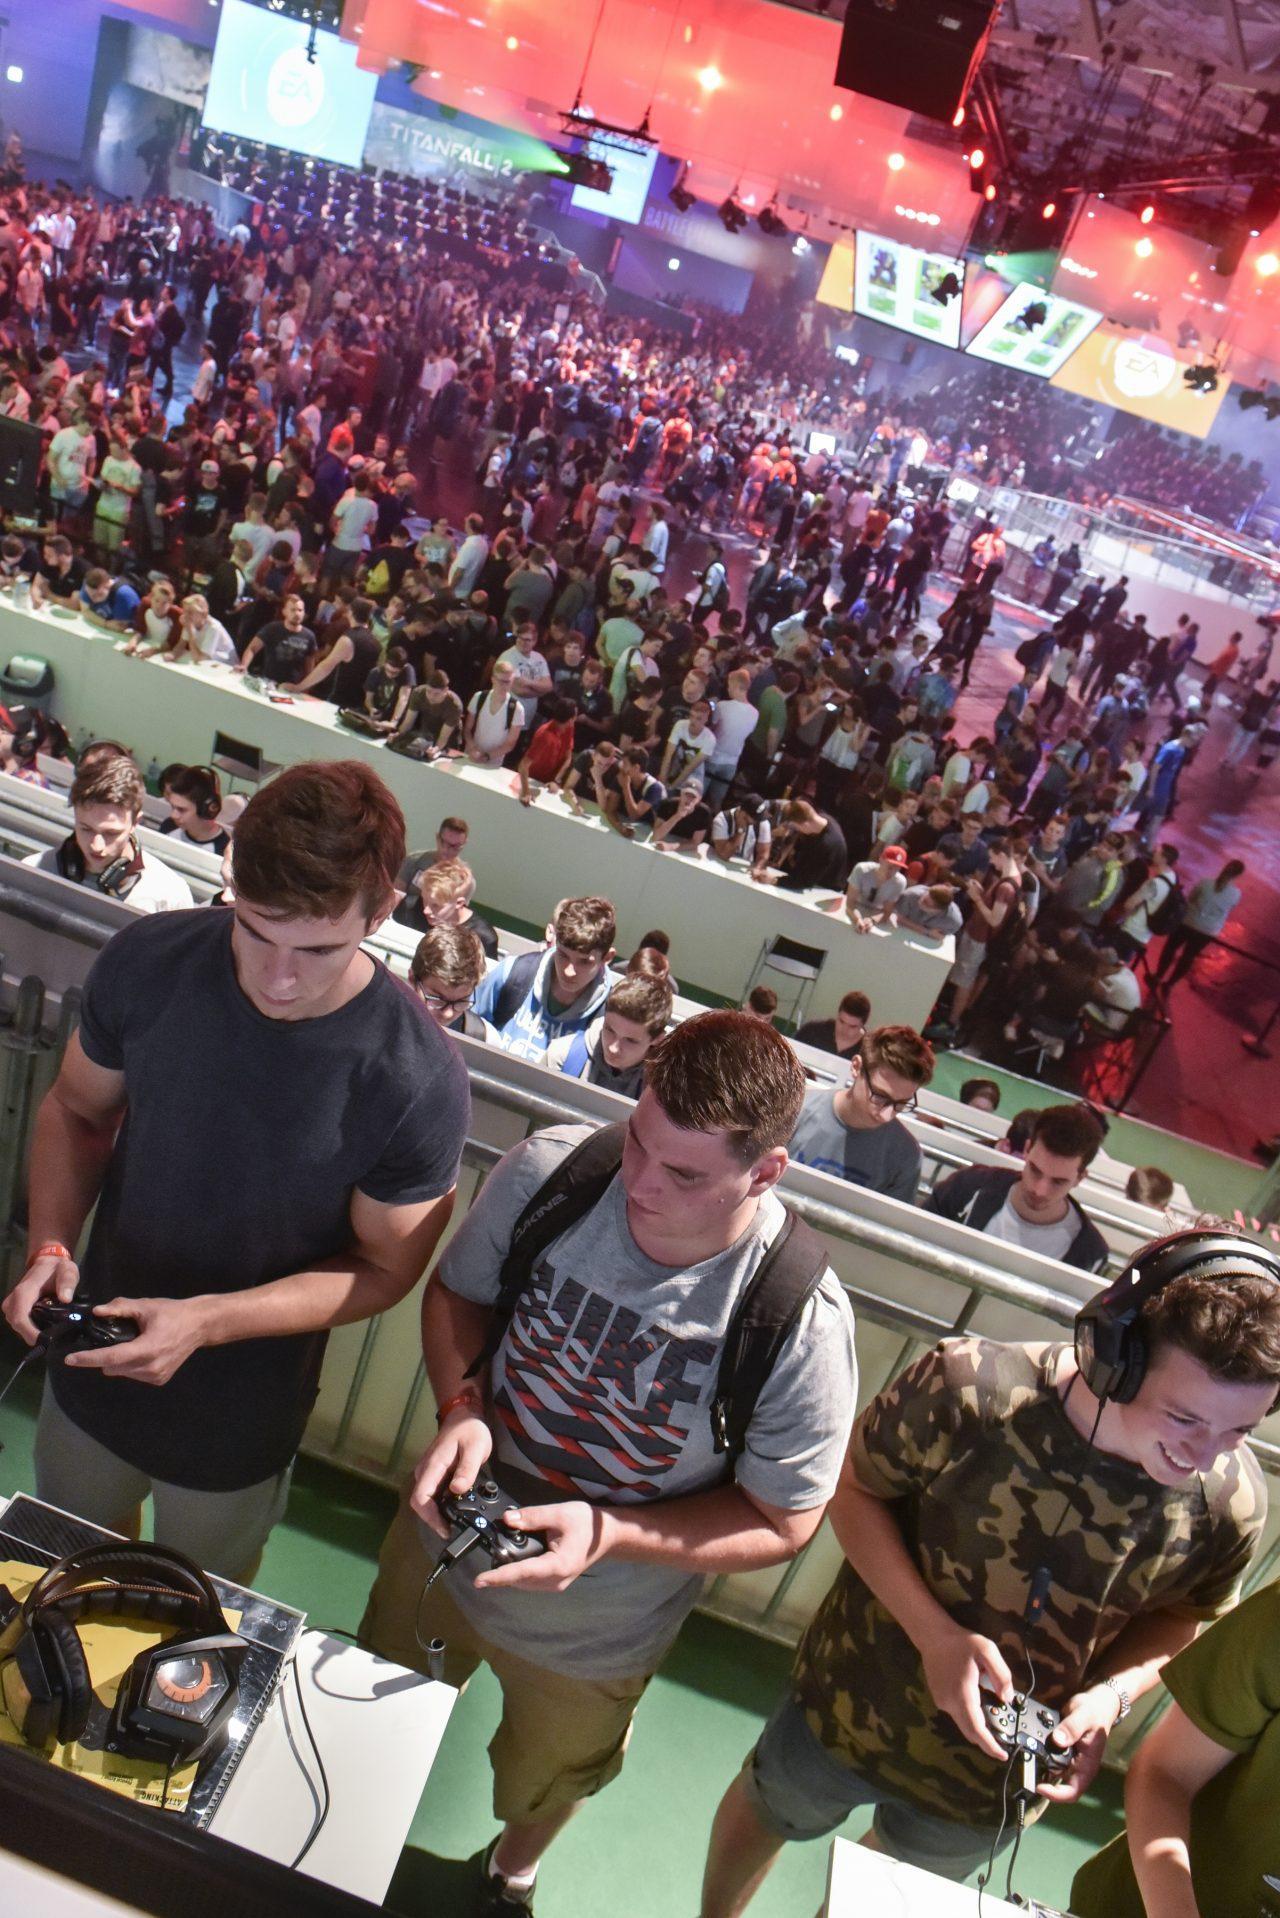 gamescom - photo #28